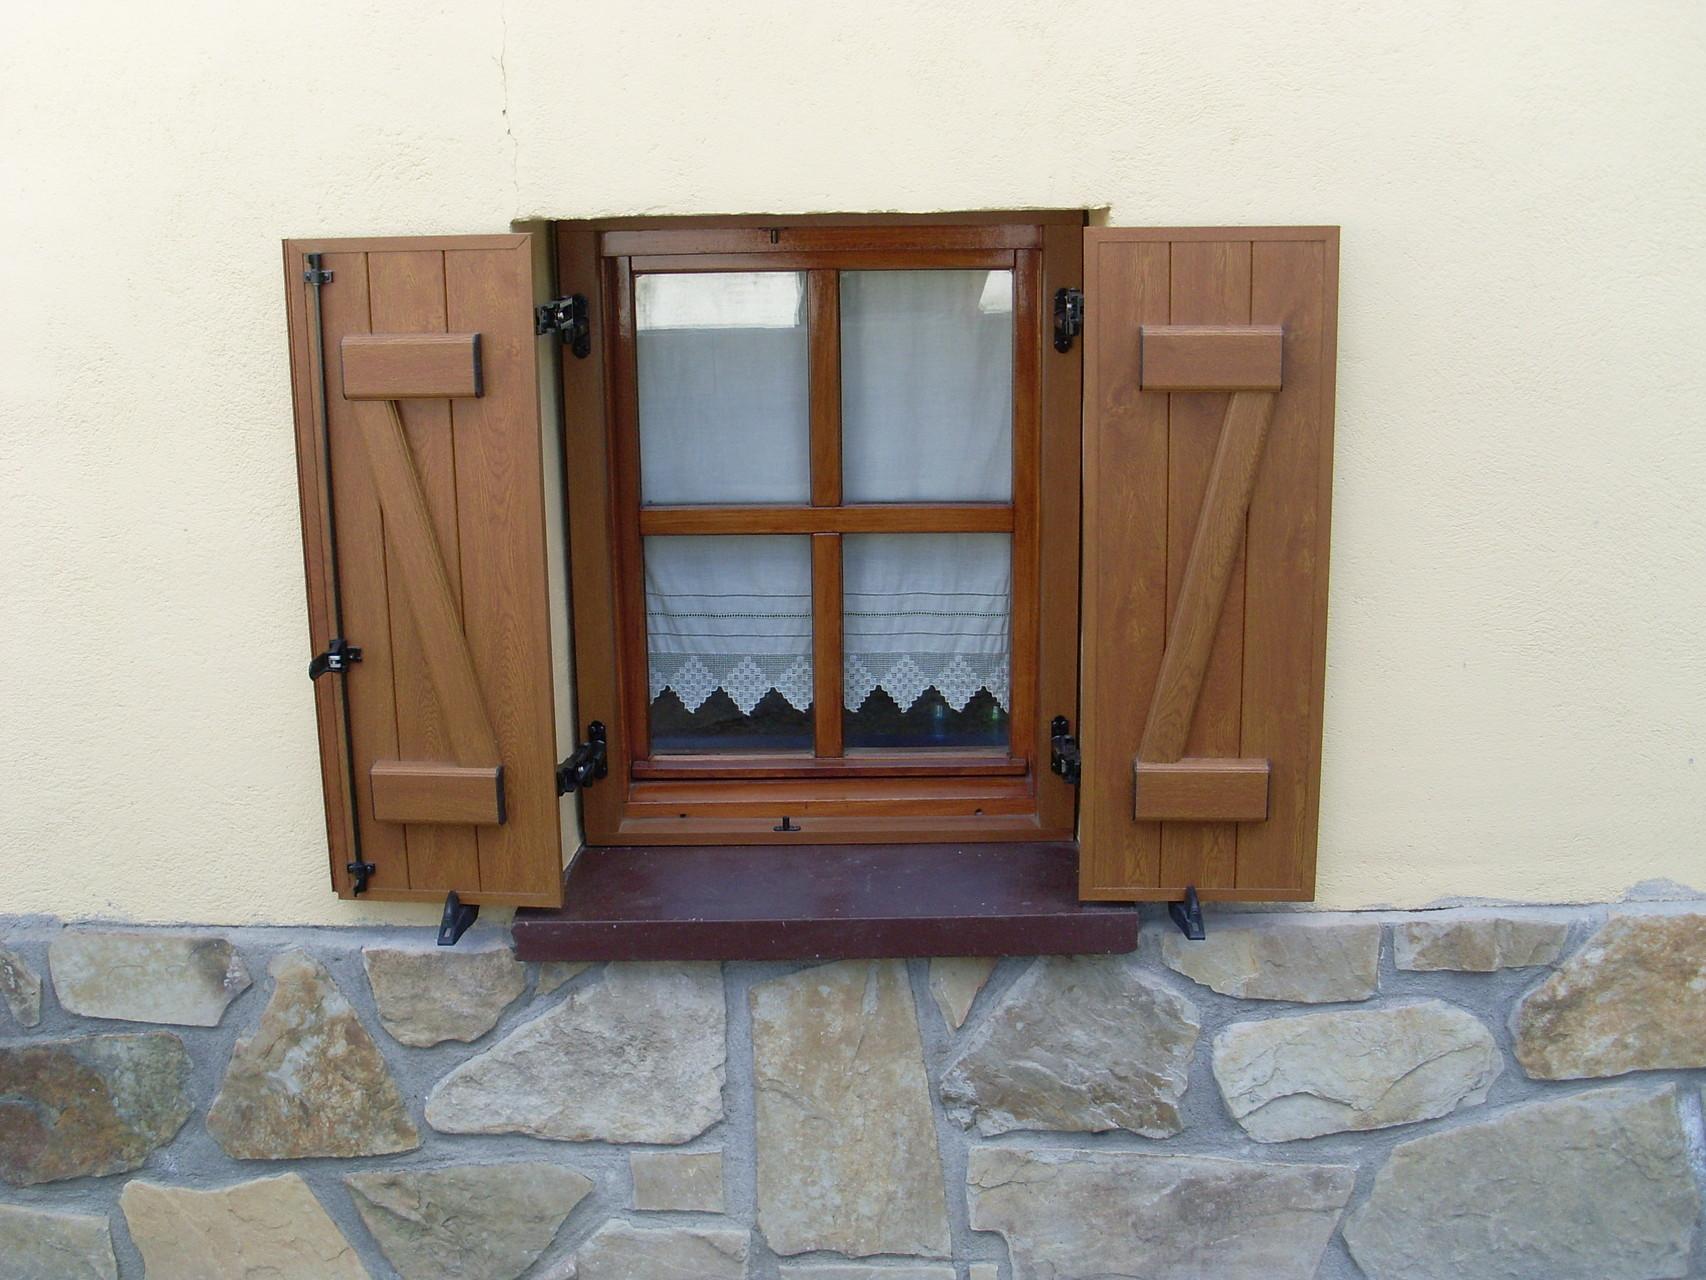 Puertas de aluminio rusticas exterior top awesome puertas for Puertas rusticas exterior aluminio precios